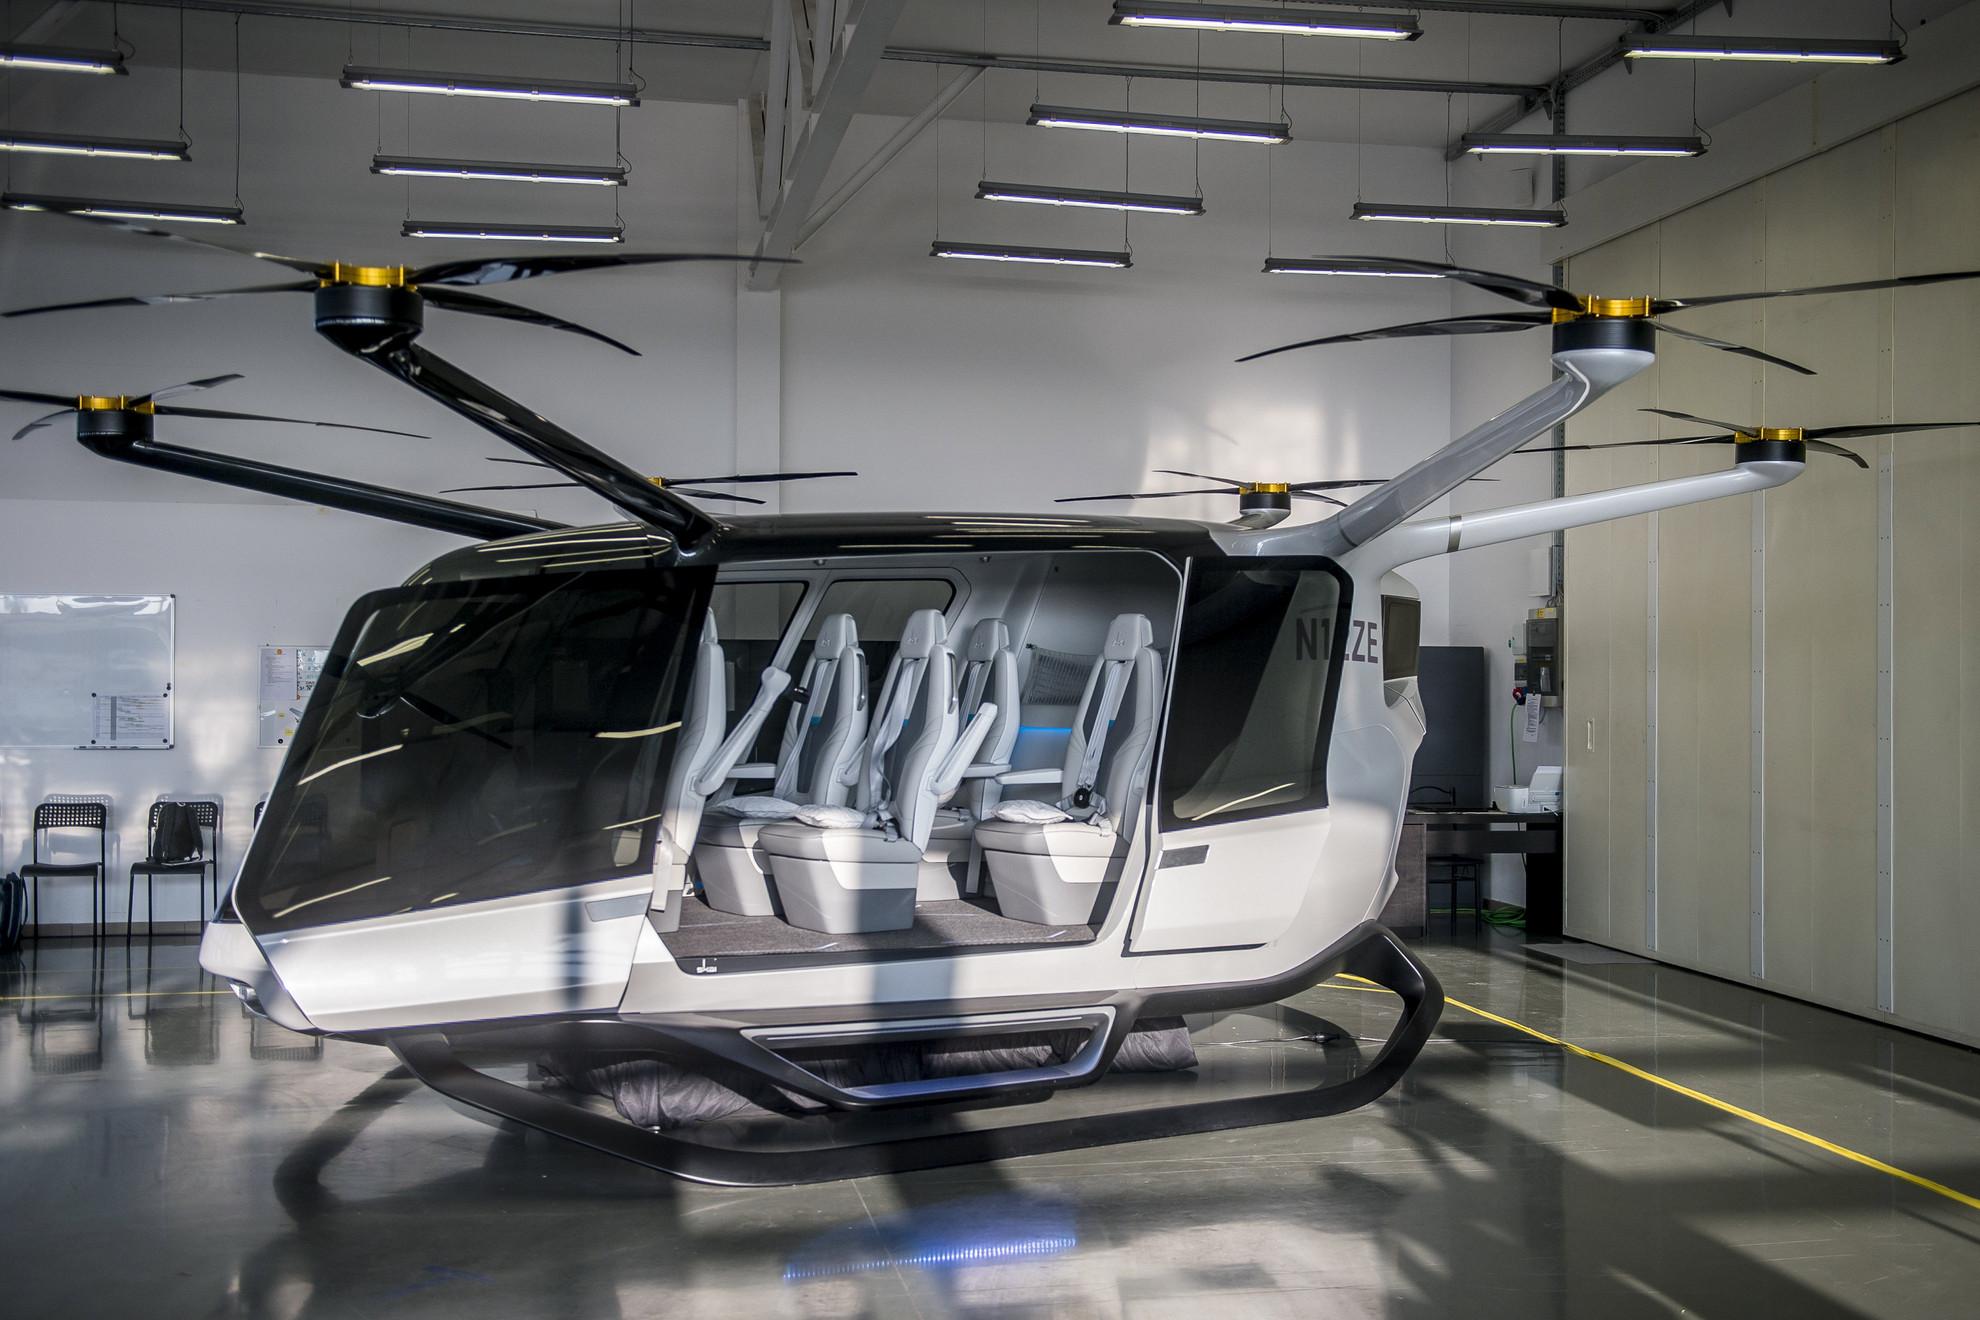 A Genevation Aircraft Kft. hidrogénüzemanyagcella-meghajtású, személyszállításra is alkalmassá tehető, de még fejlesztés alatt álló drónja